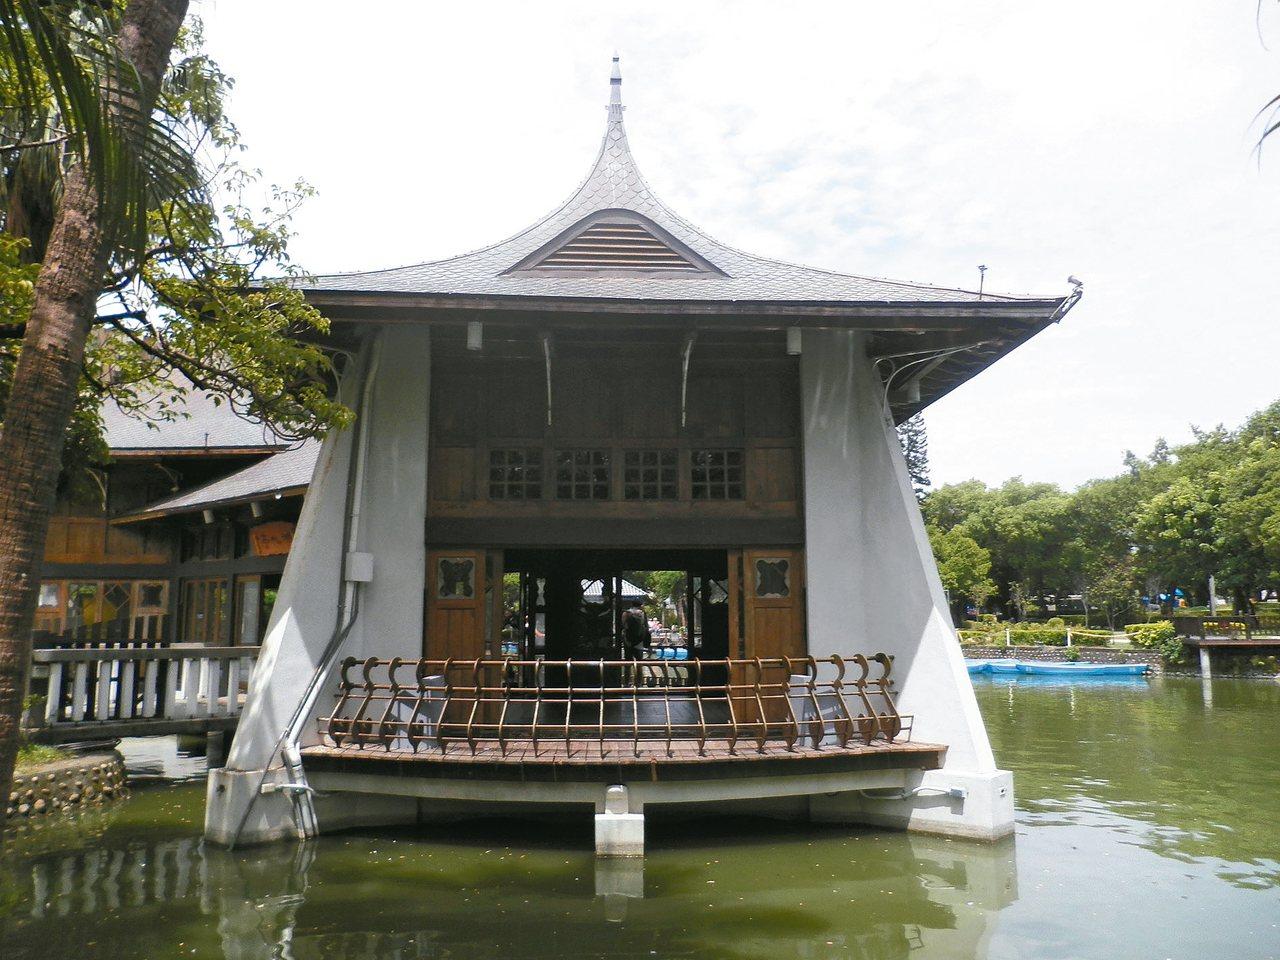 台中公園裡的湖心亭曾是台灣十景之一。 楊明.圖片提供